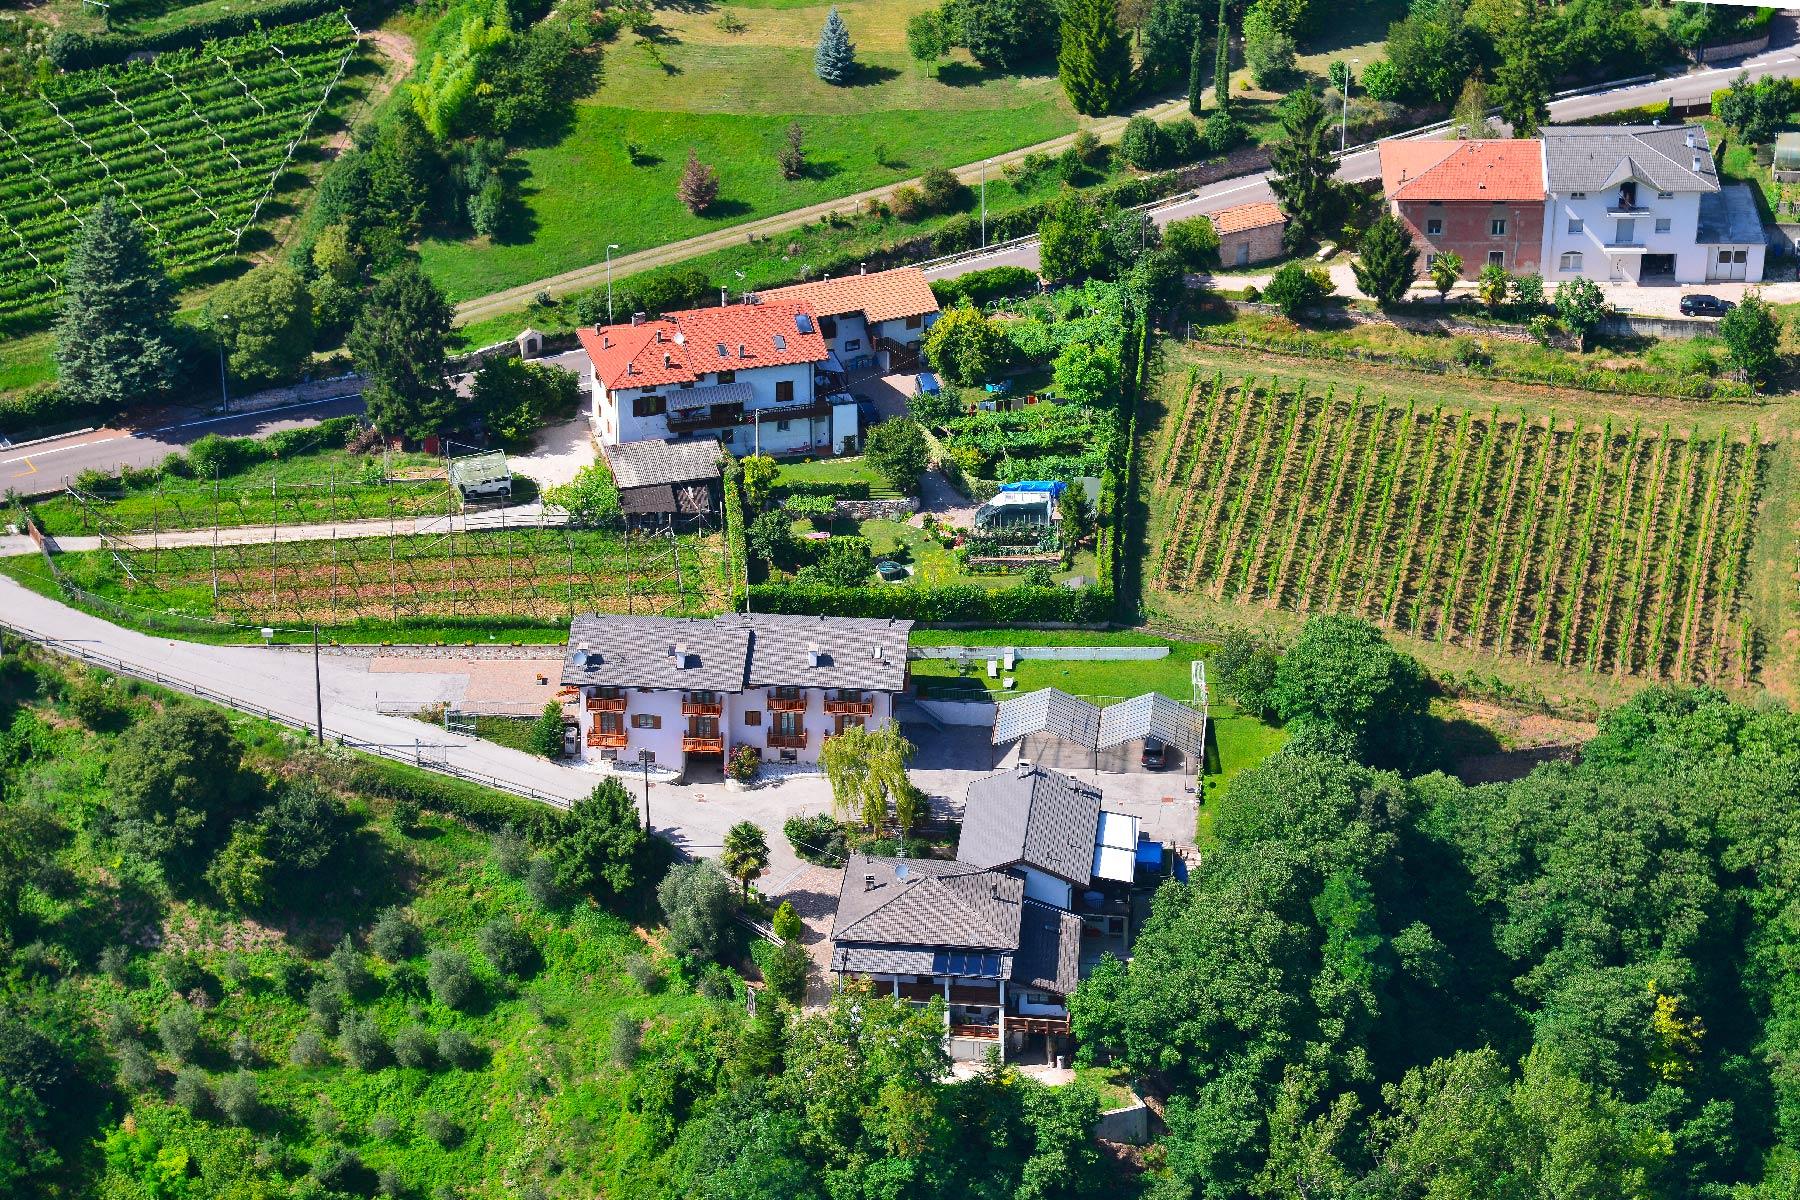 Vista aerea del Nostro Agritur